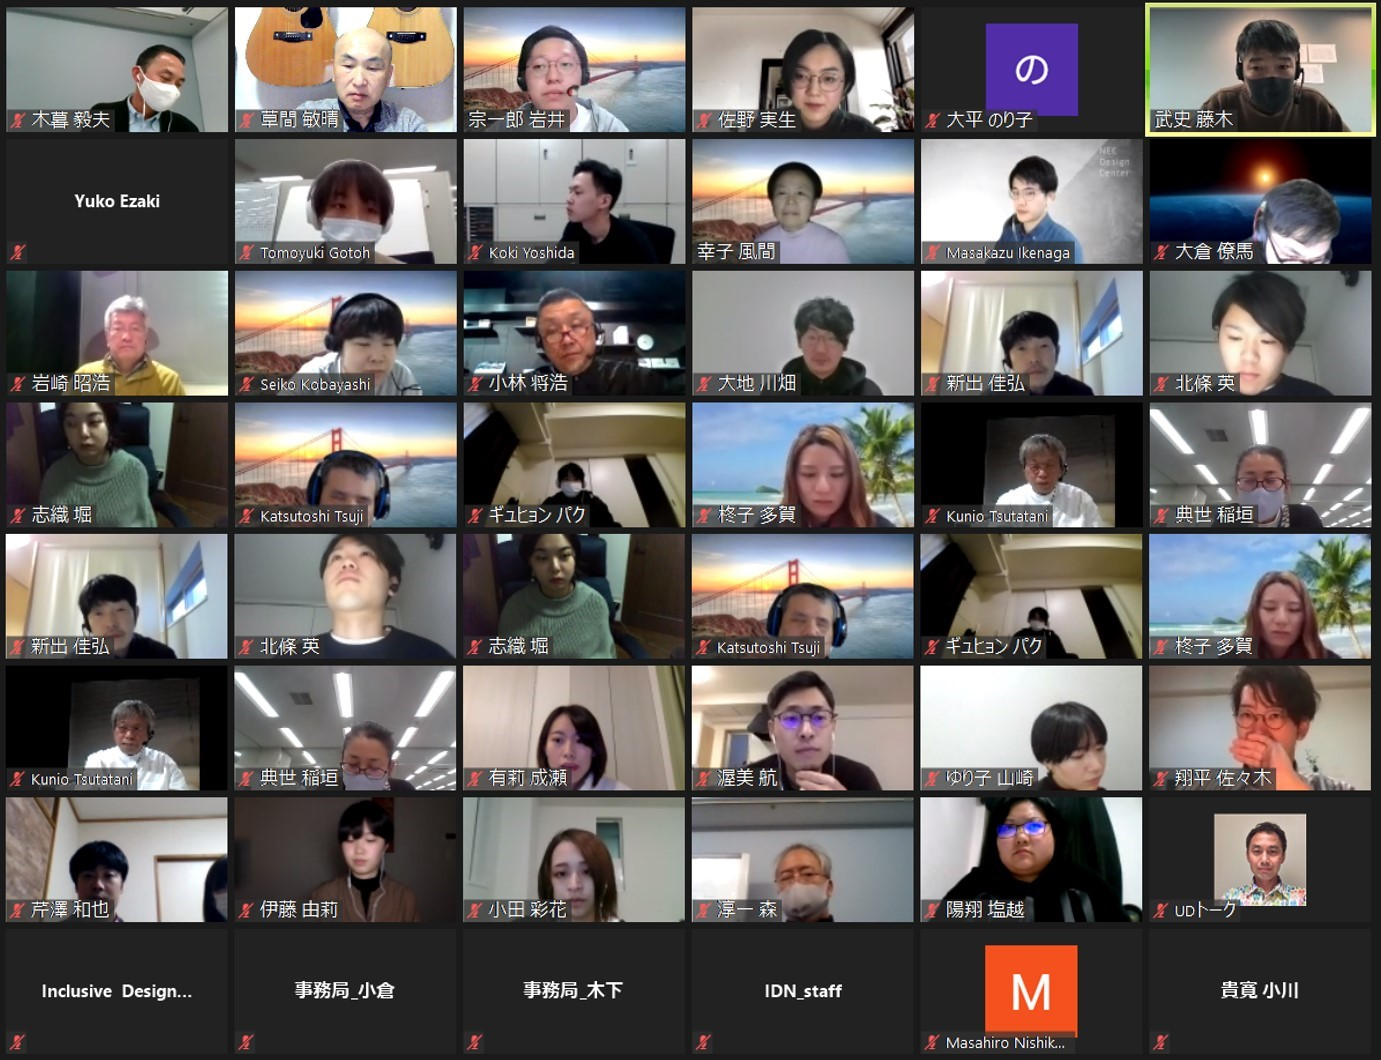 12月12日ZOOMによる参加者全員のモニター画像です。